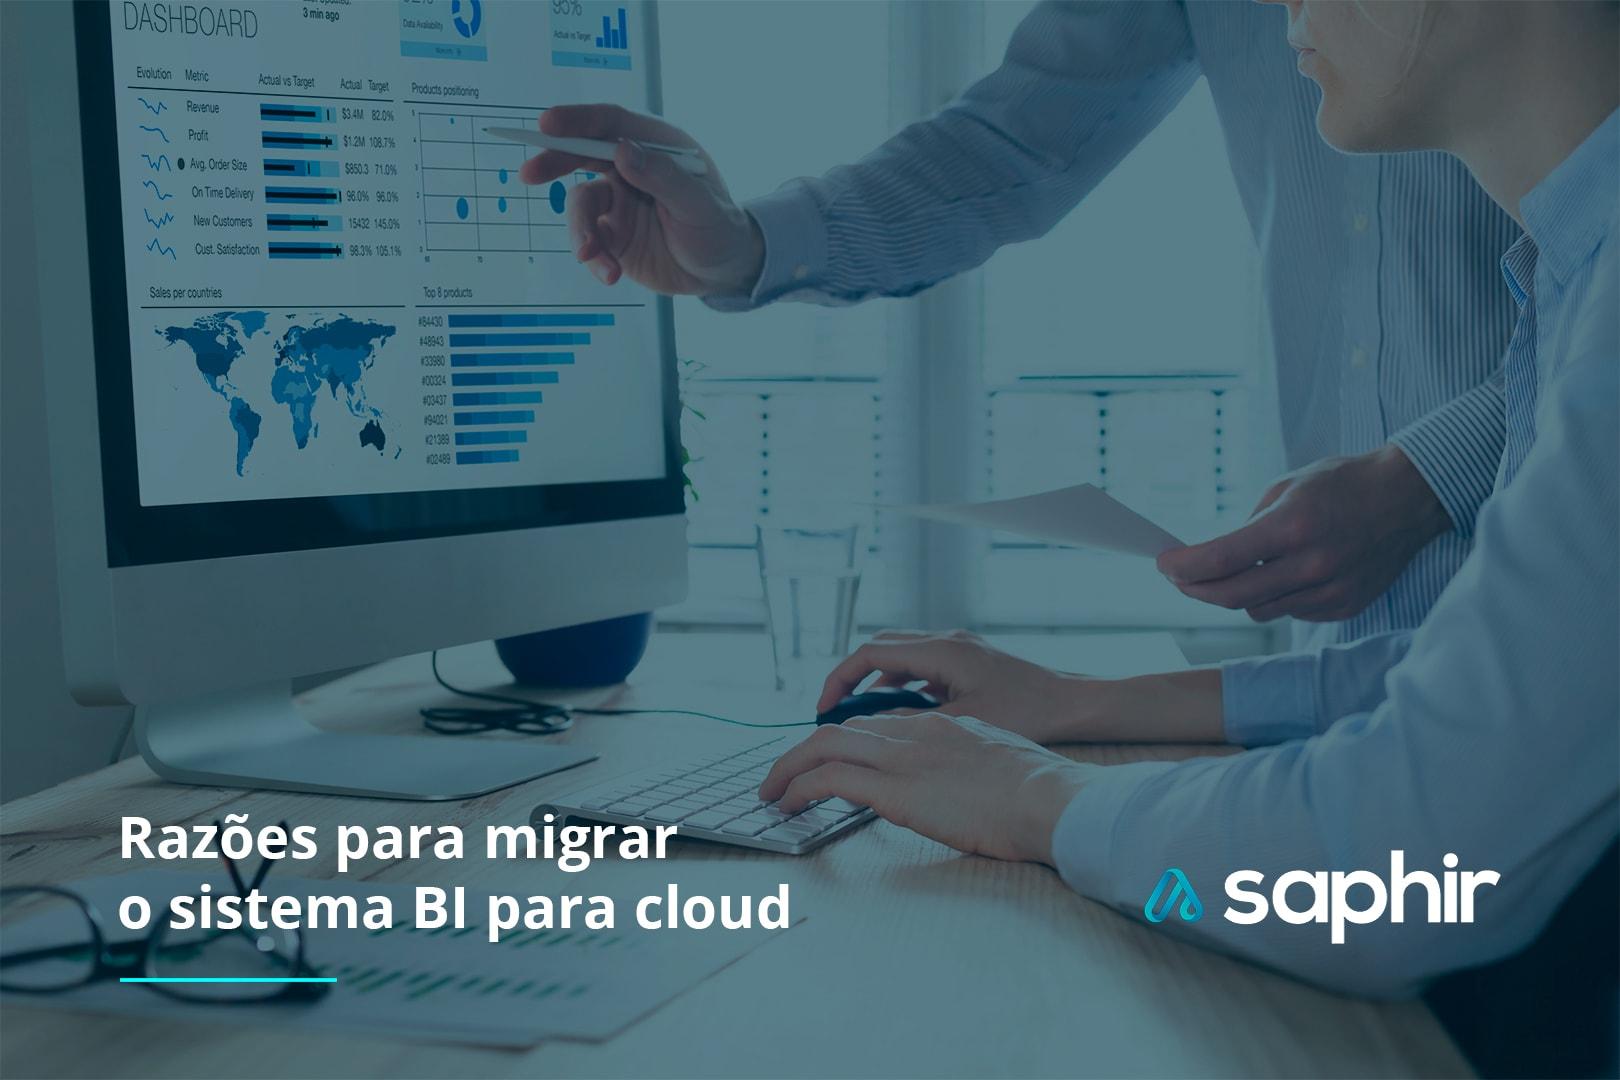 razões para migrar o sistema BI para cloud